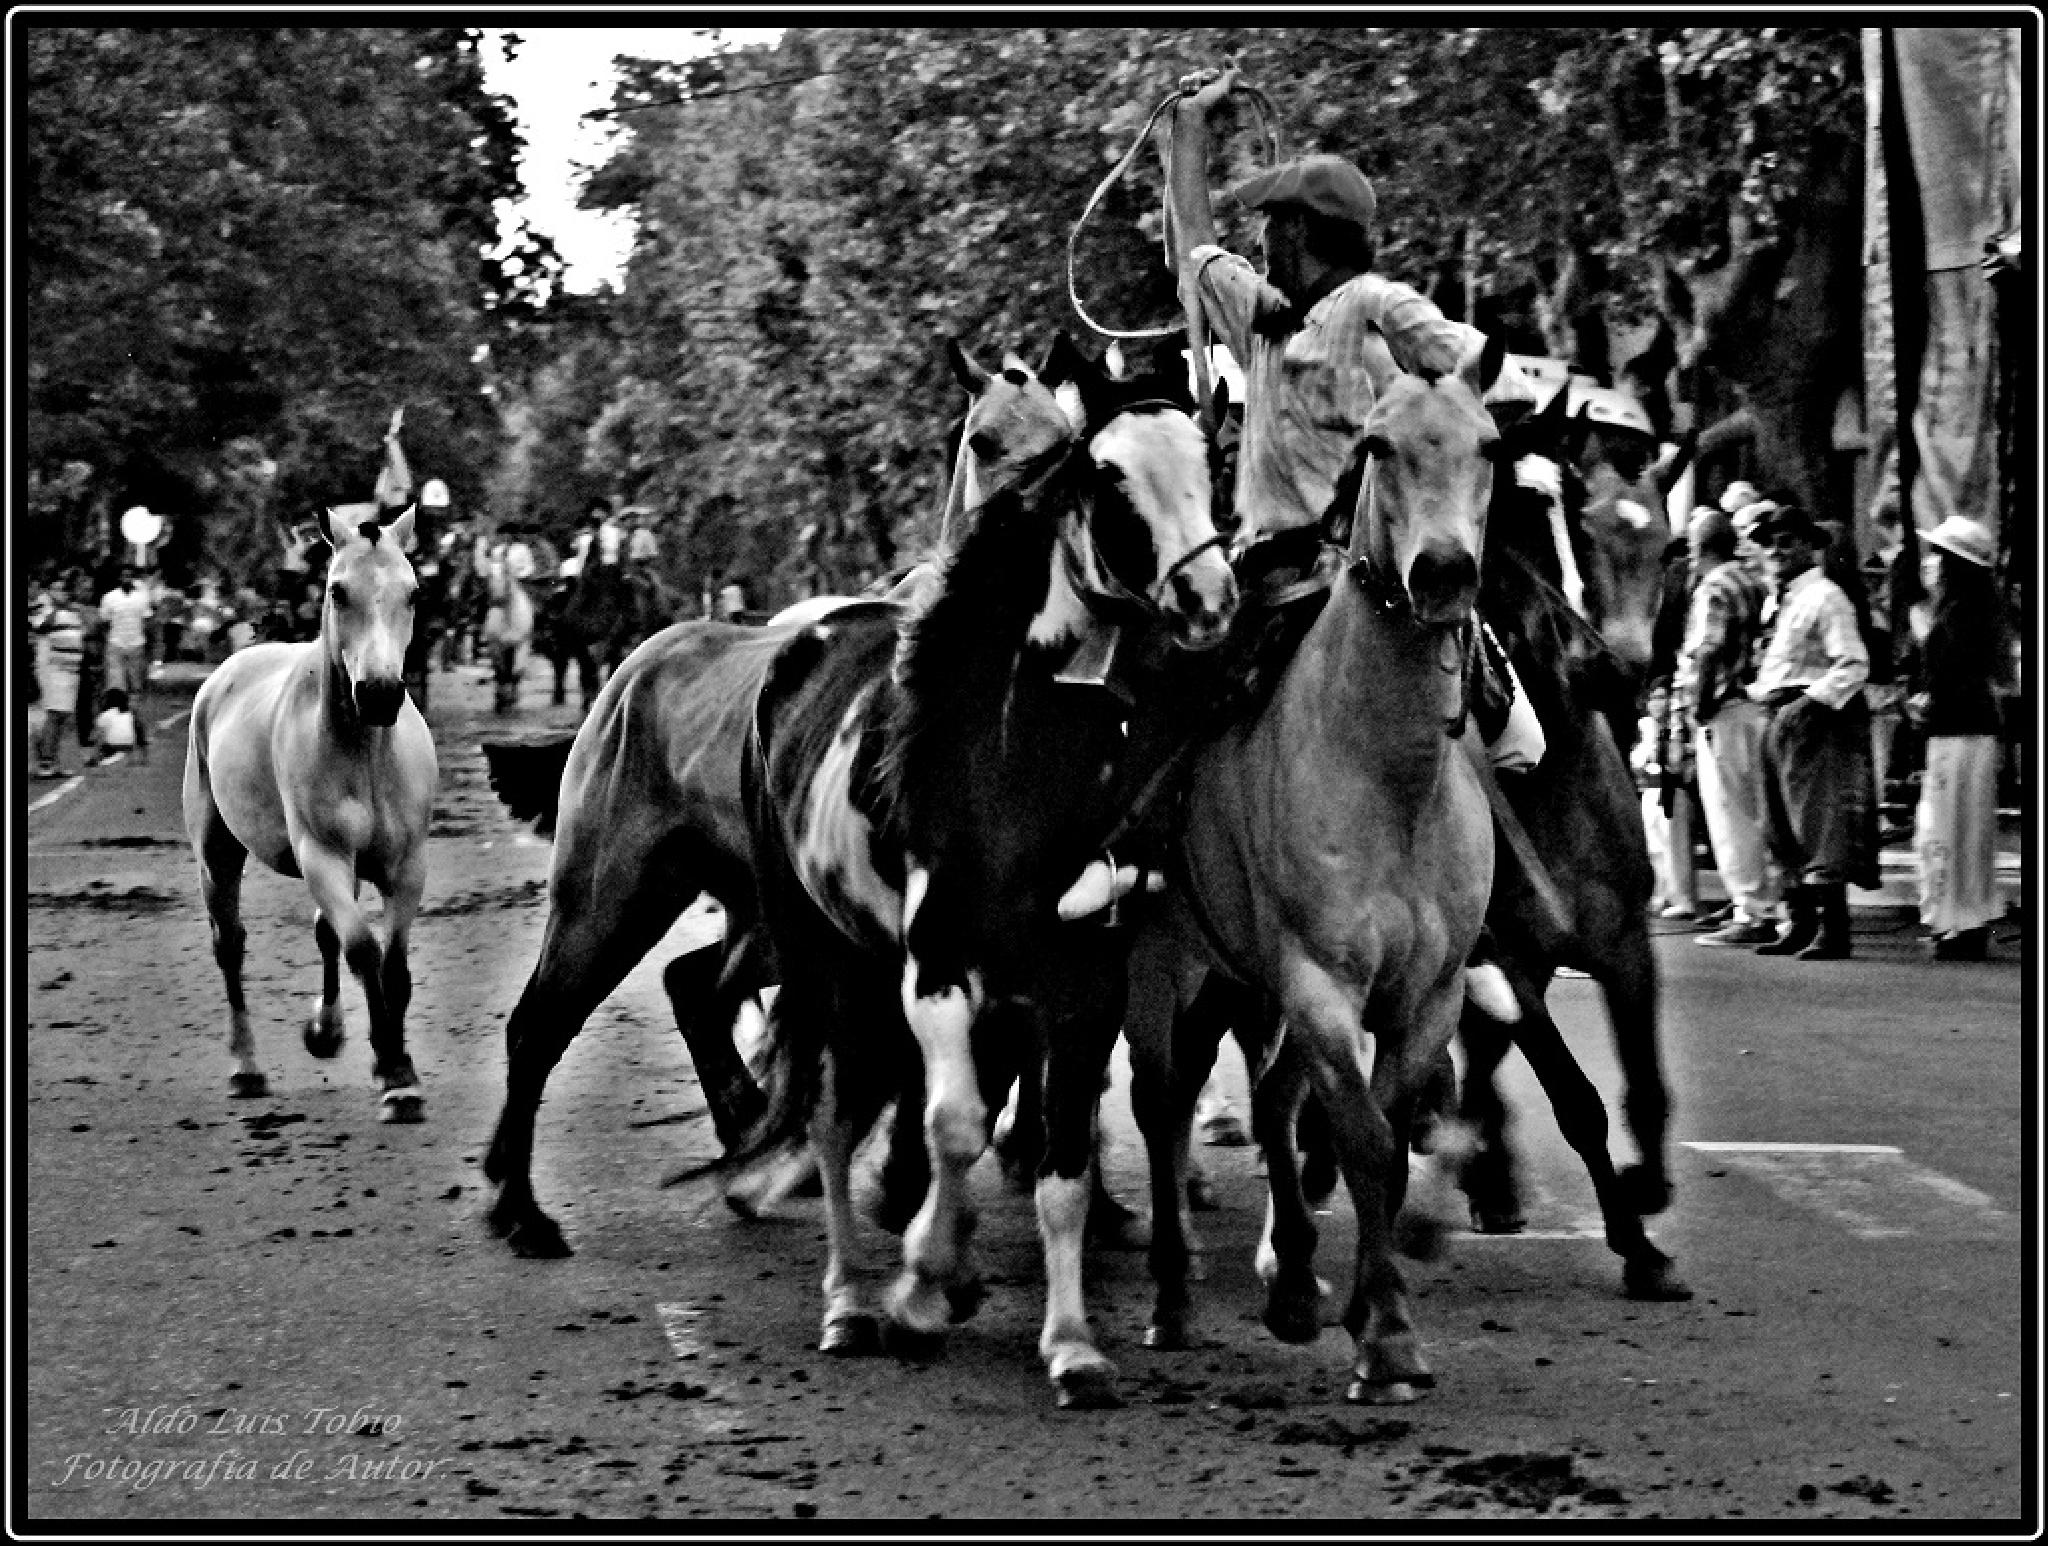 Caballos criollos by aldotobio